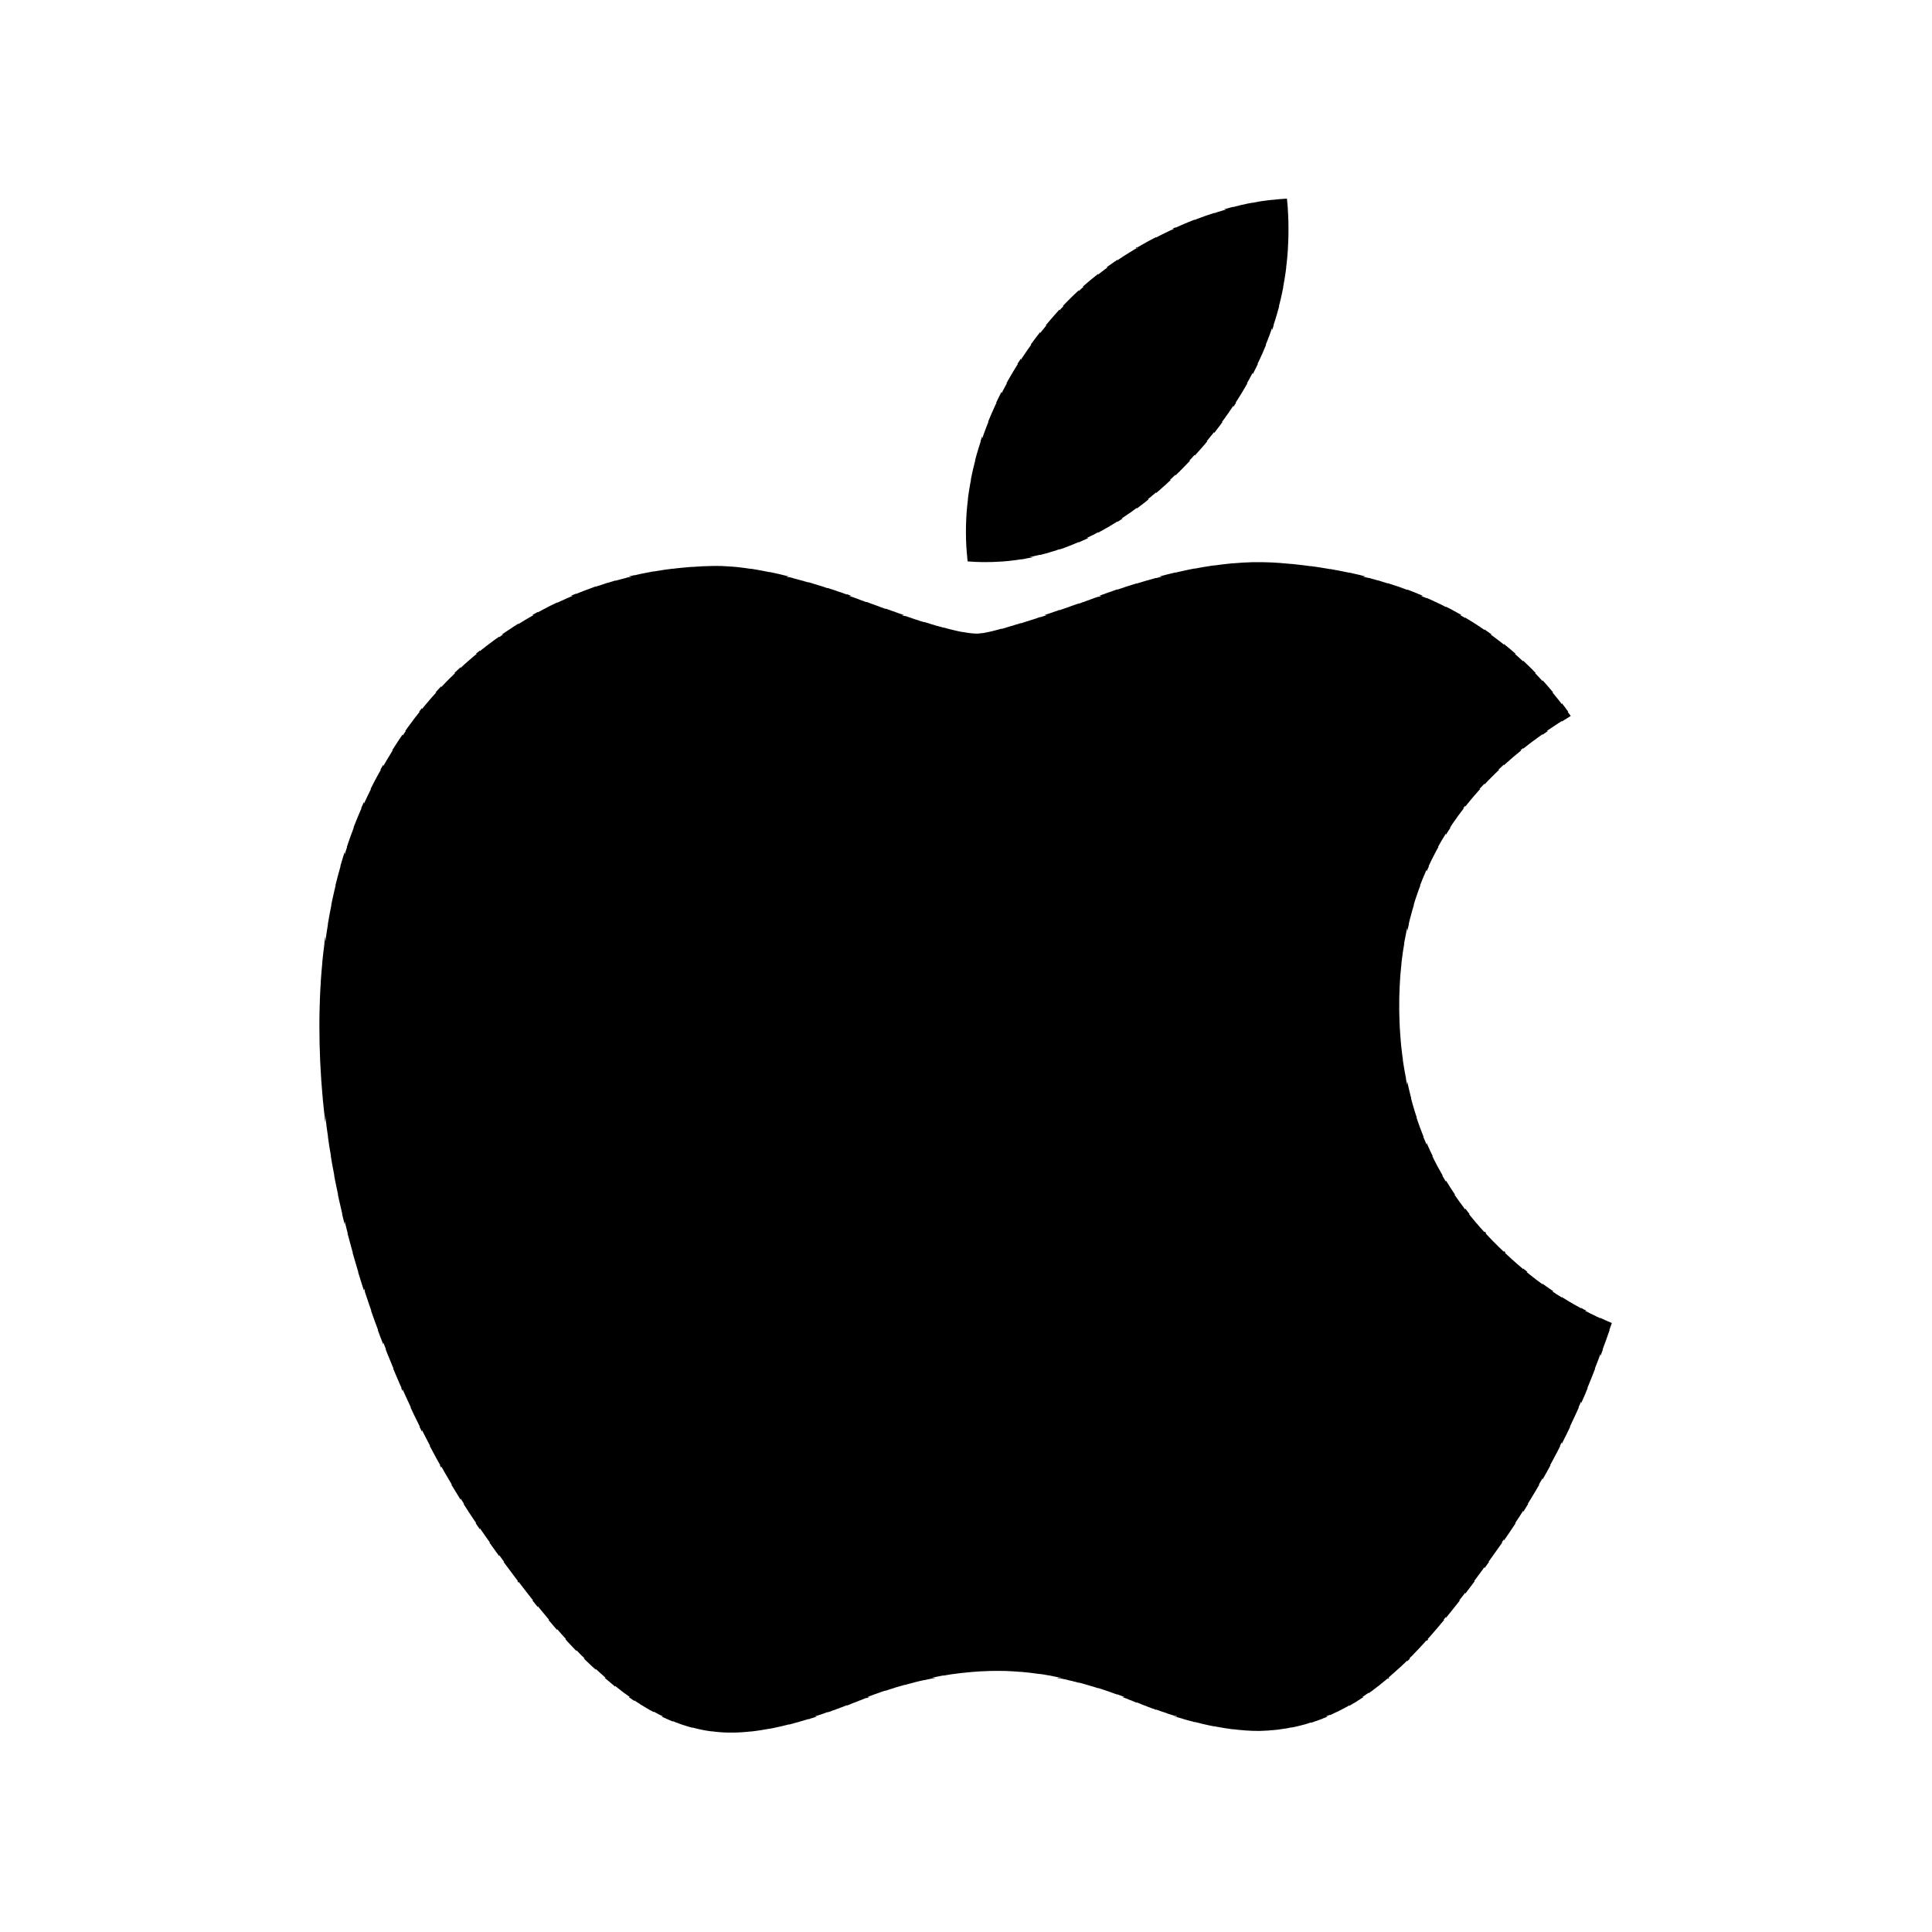 brand logos-19.png